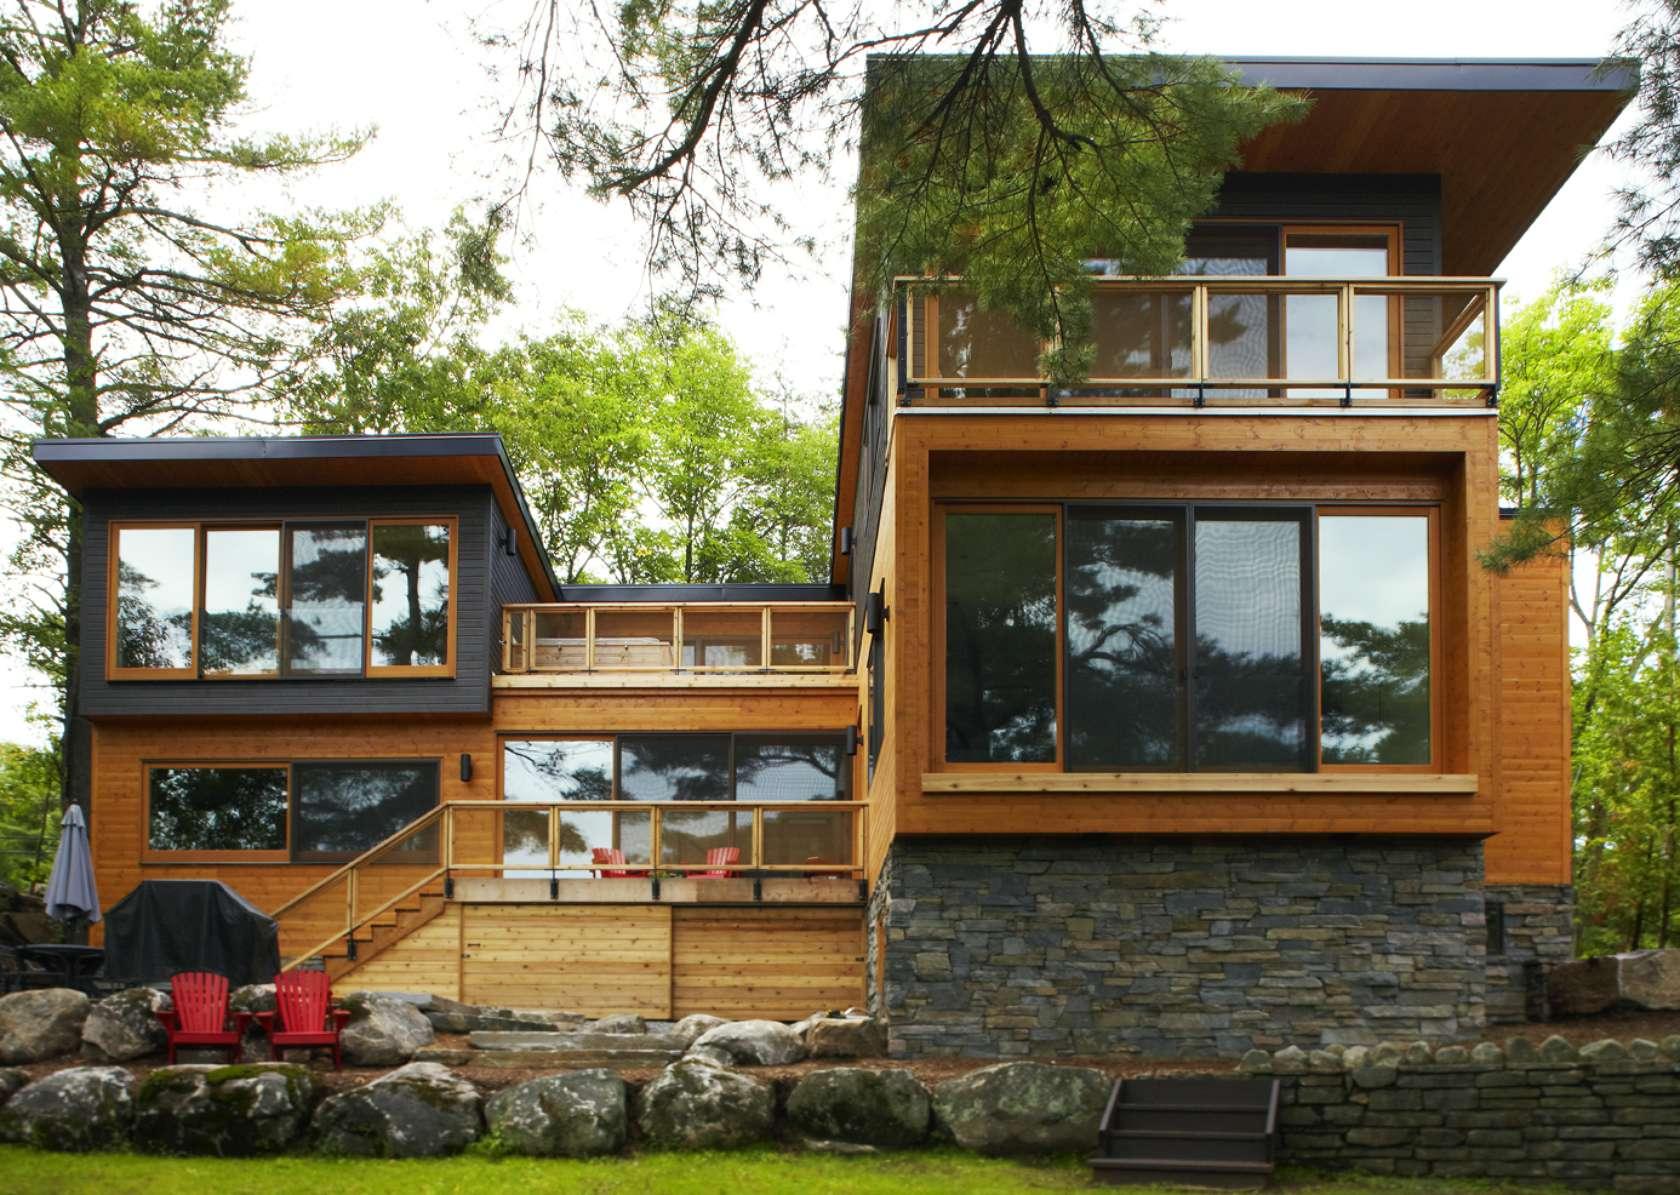 70 Desain Rumah Minimalis Yg Unik Desain Rumah Minimalis Terbaru